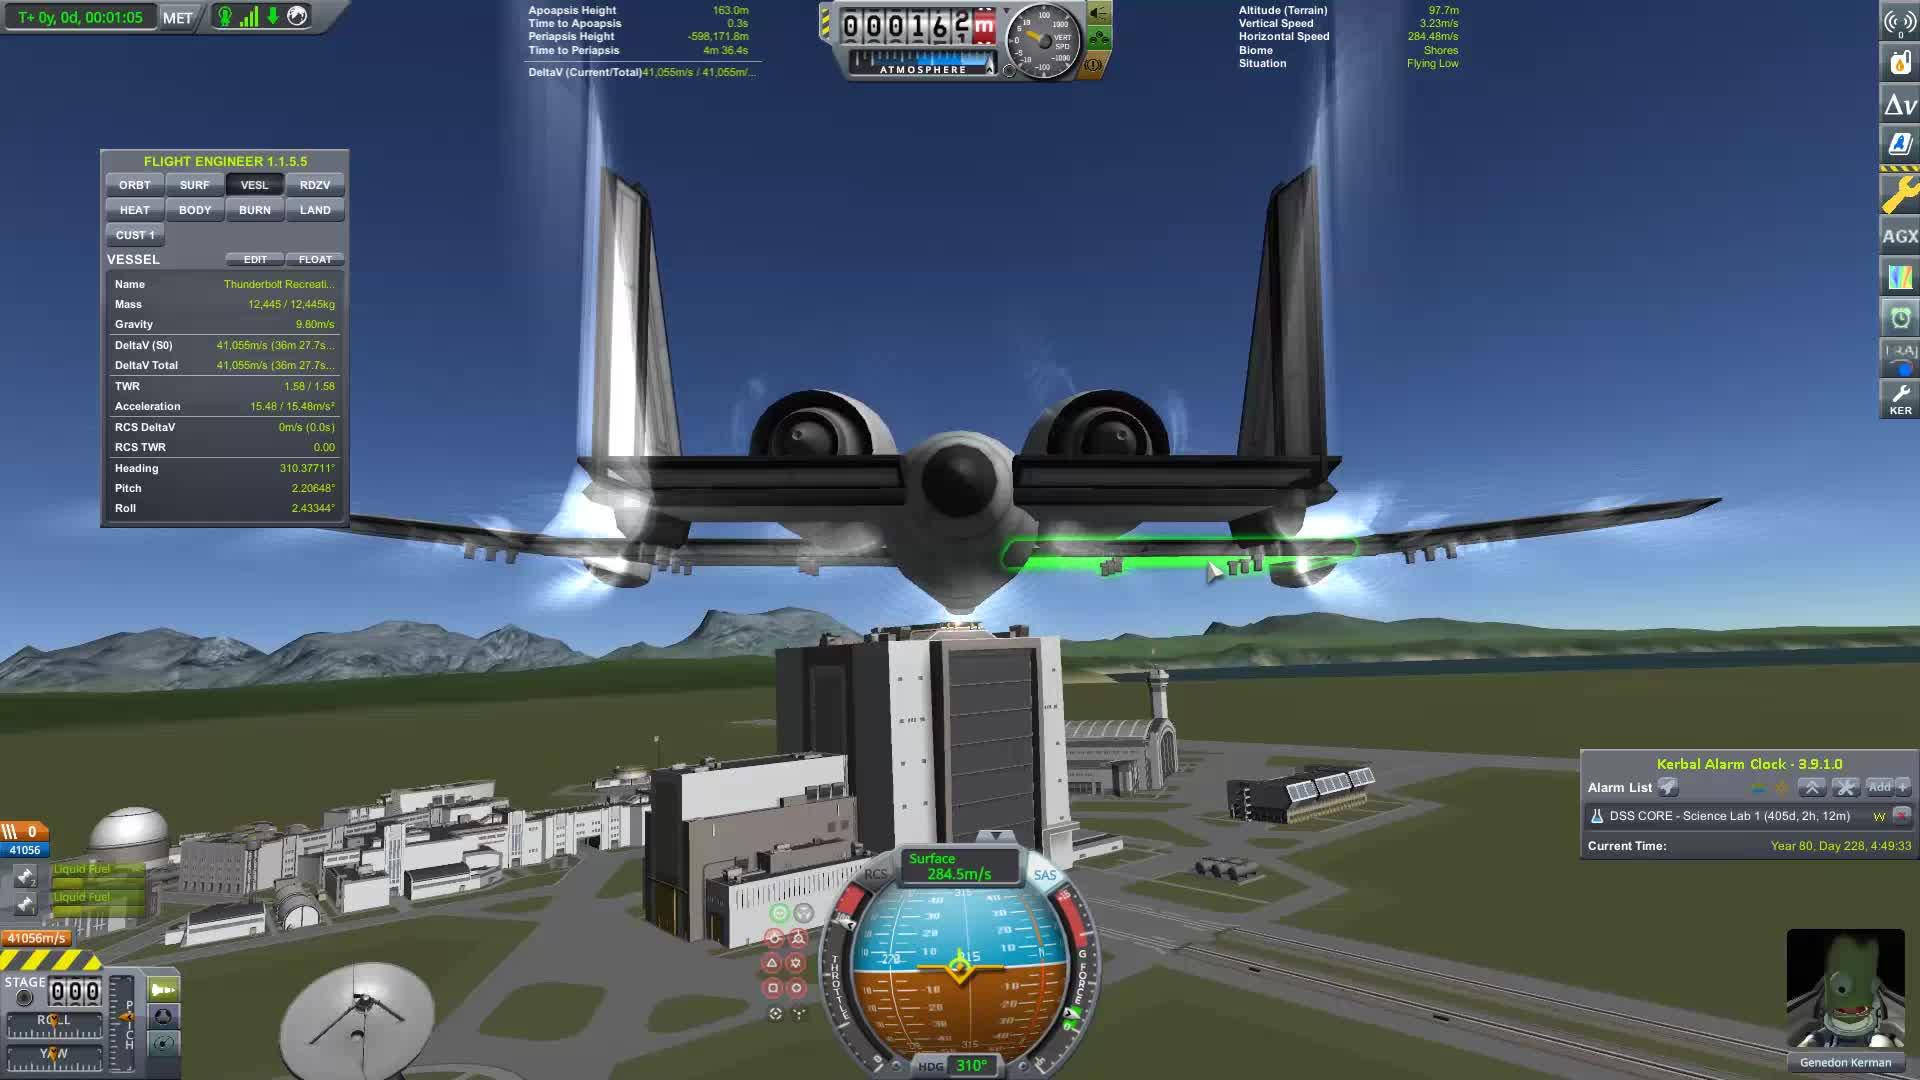 plane crash in hangar GIFs